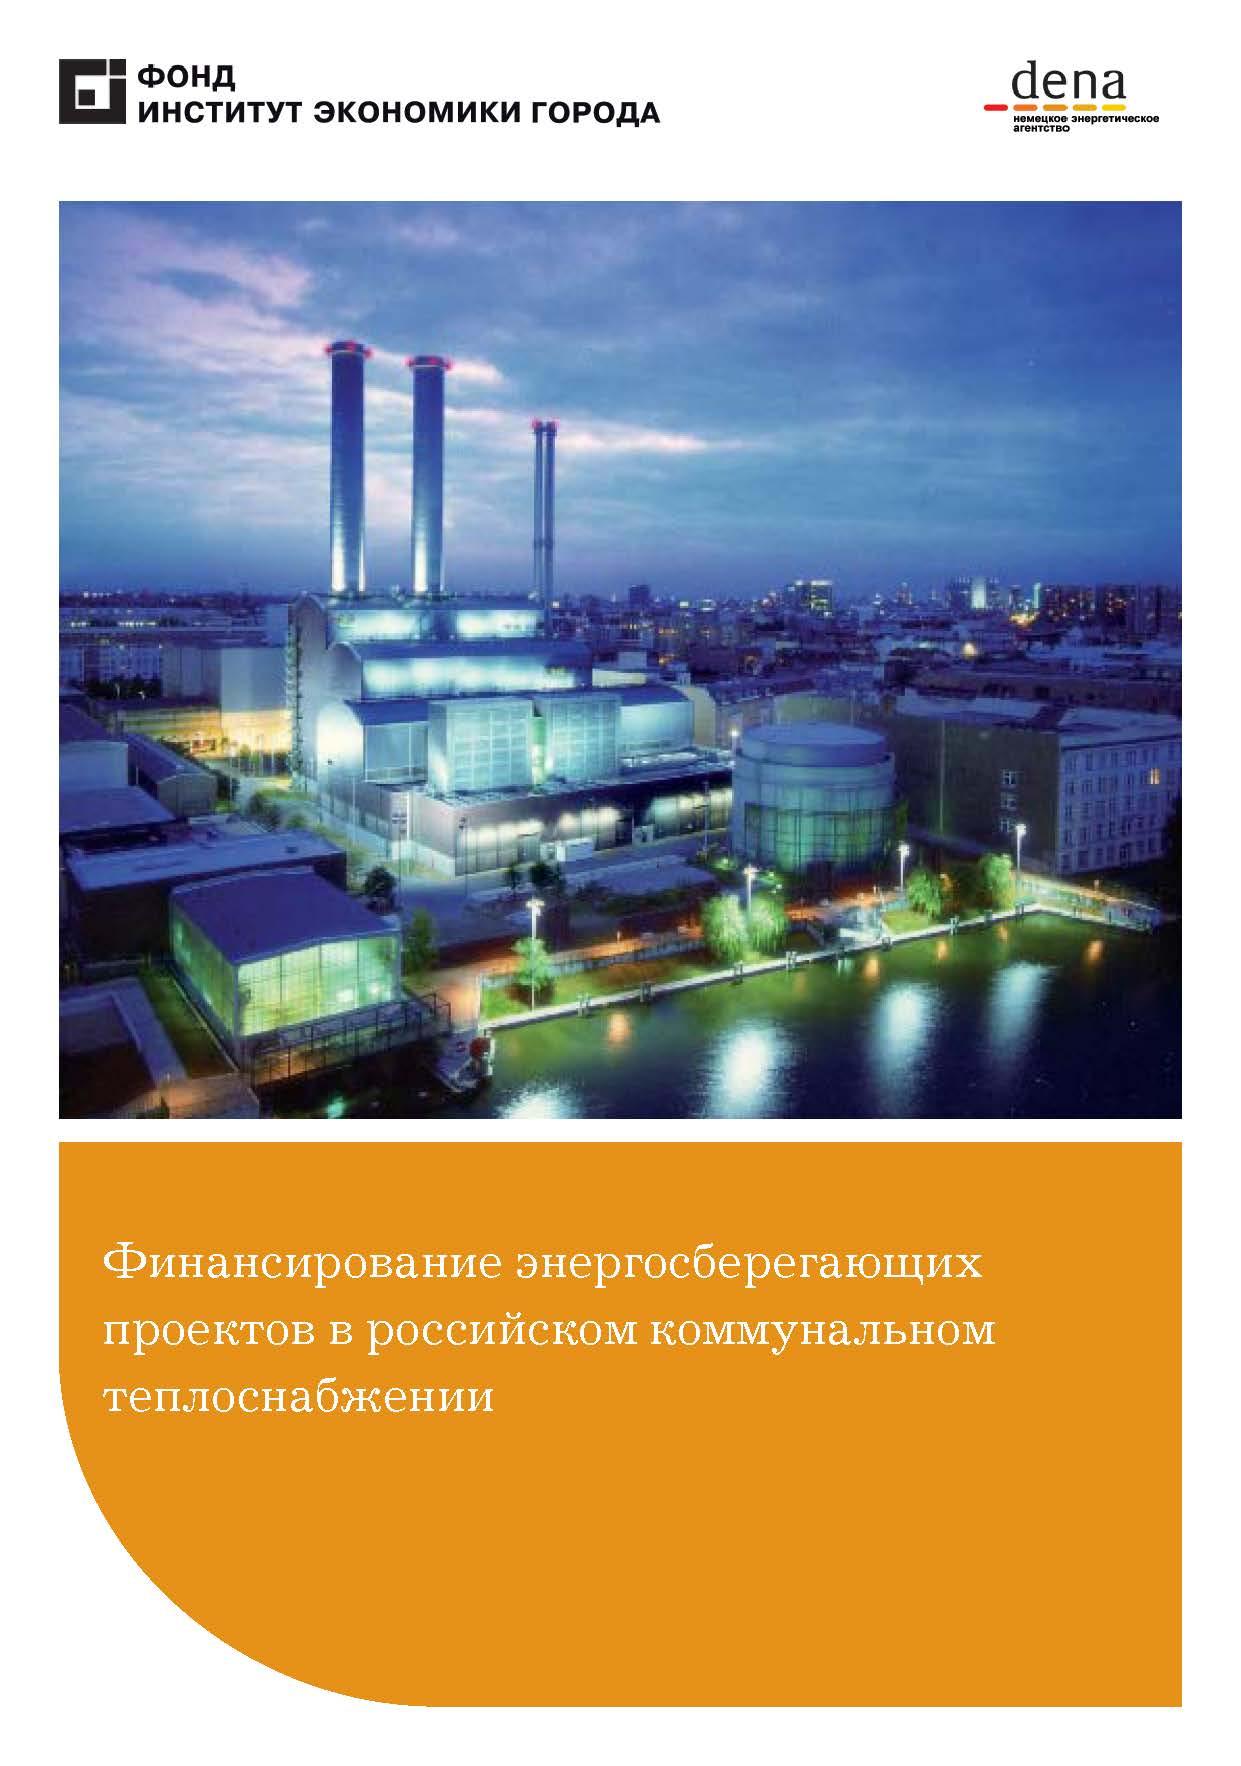 Финансирование энергосберегающих проектов в российском коммунальном теплоснабжении